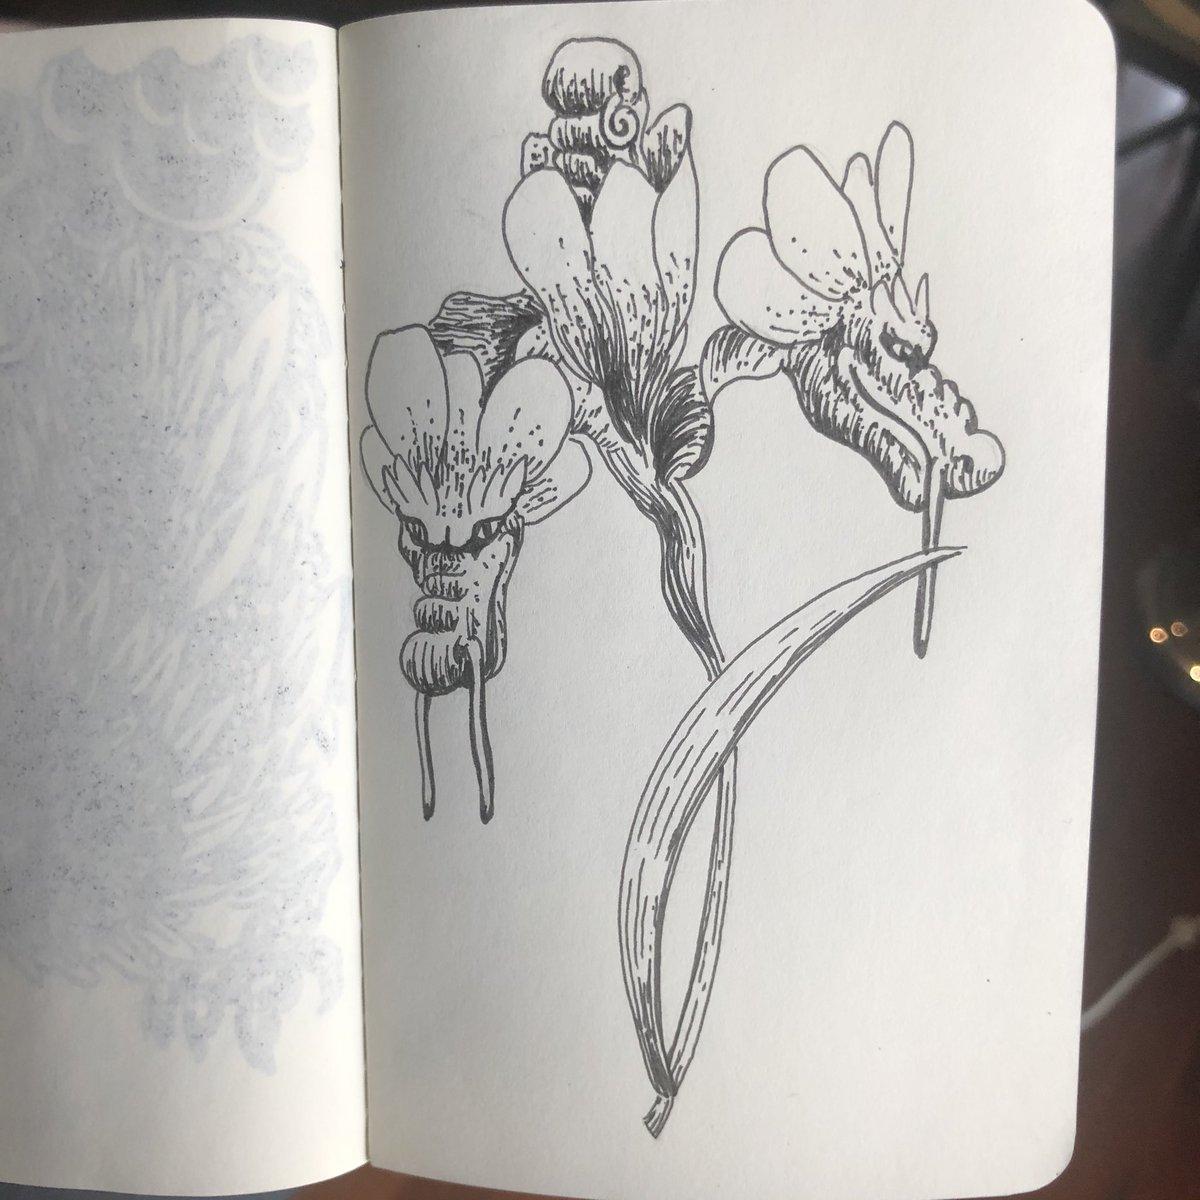 Here's a botanical style dragon sketch I drew up today.   #art #artist #melbourneart #melbourneartist #tattoodesign #ink #pen #penandink #linework #sketch #drawing #sketchbookpic.twitter.com/nGJmd14V3n